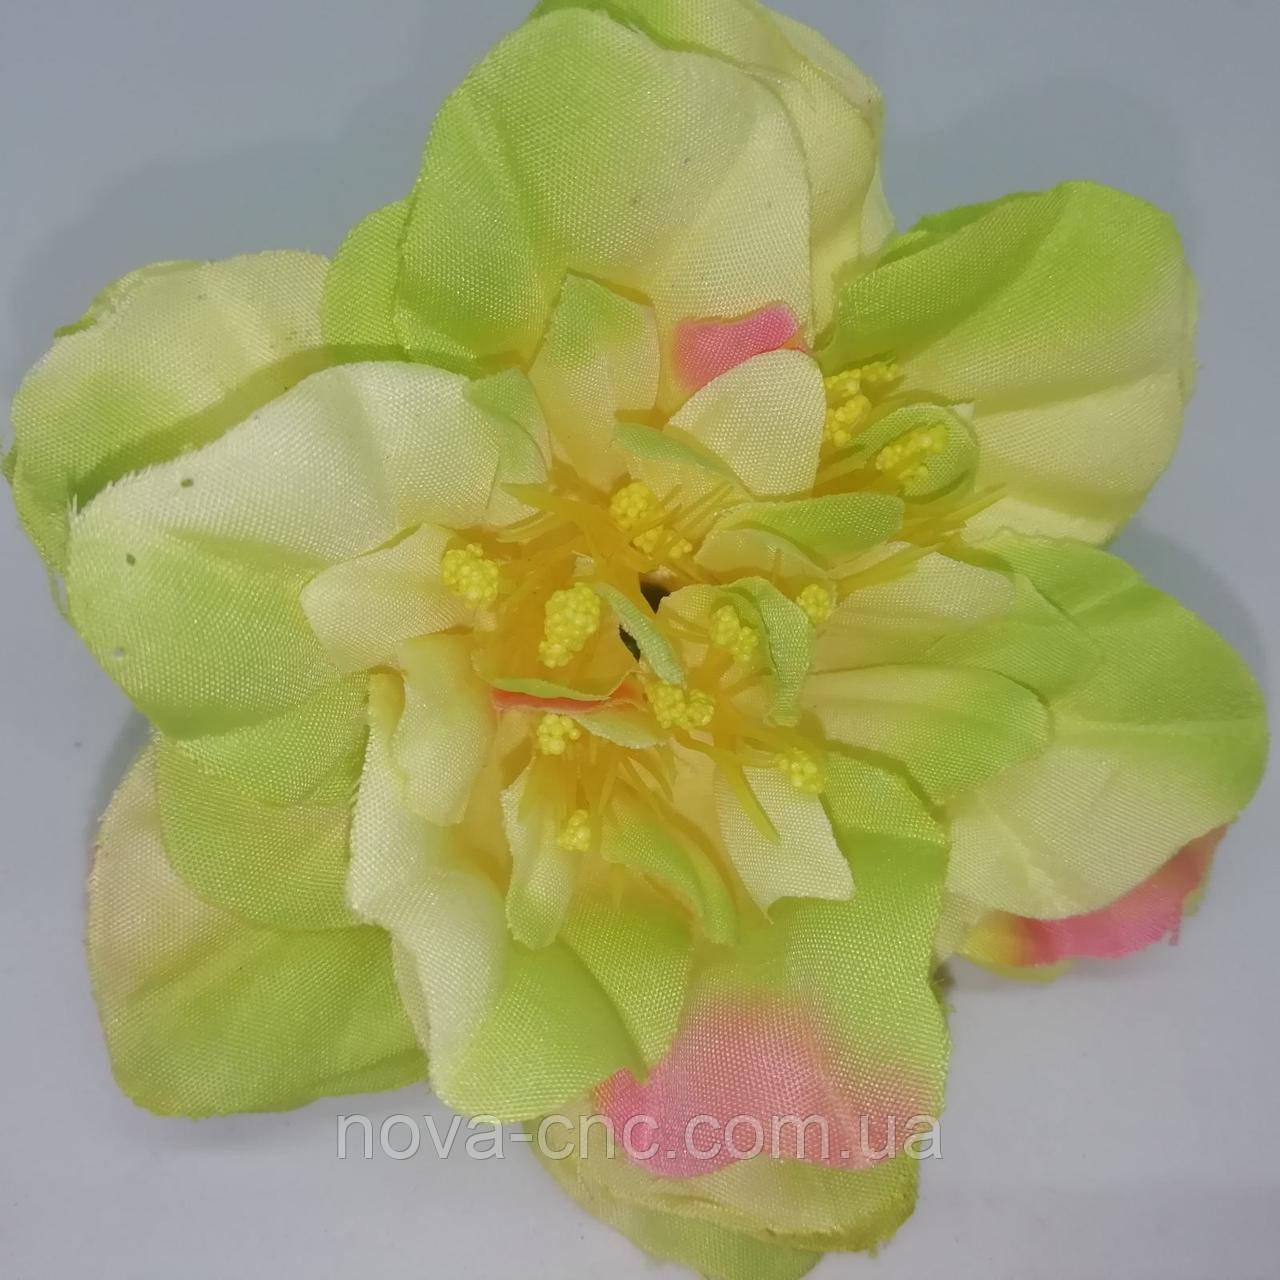 Цветок, тканевый желто-зеленый 9 см 15 шт в упаковке